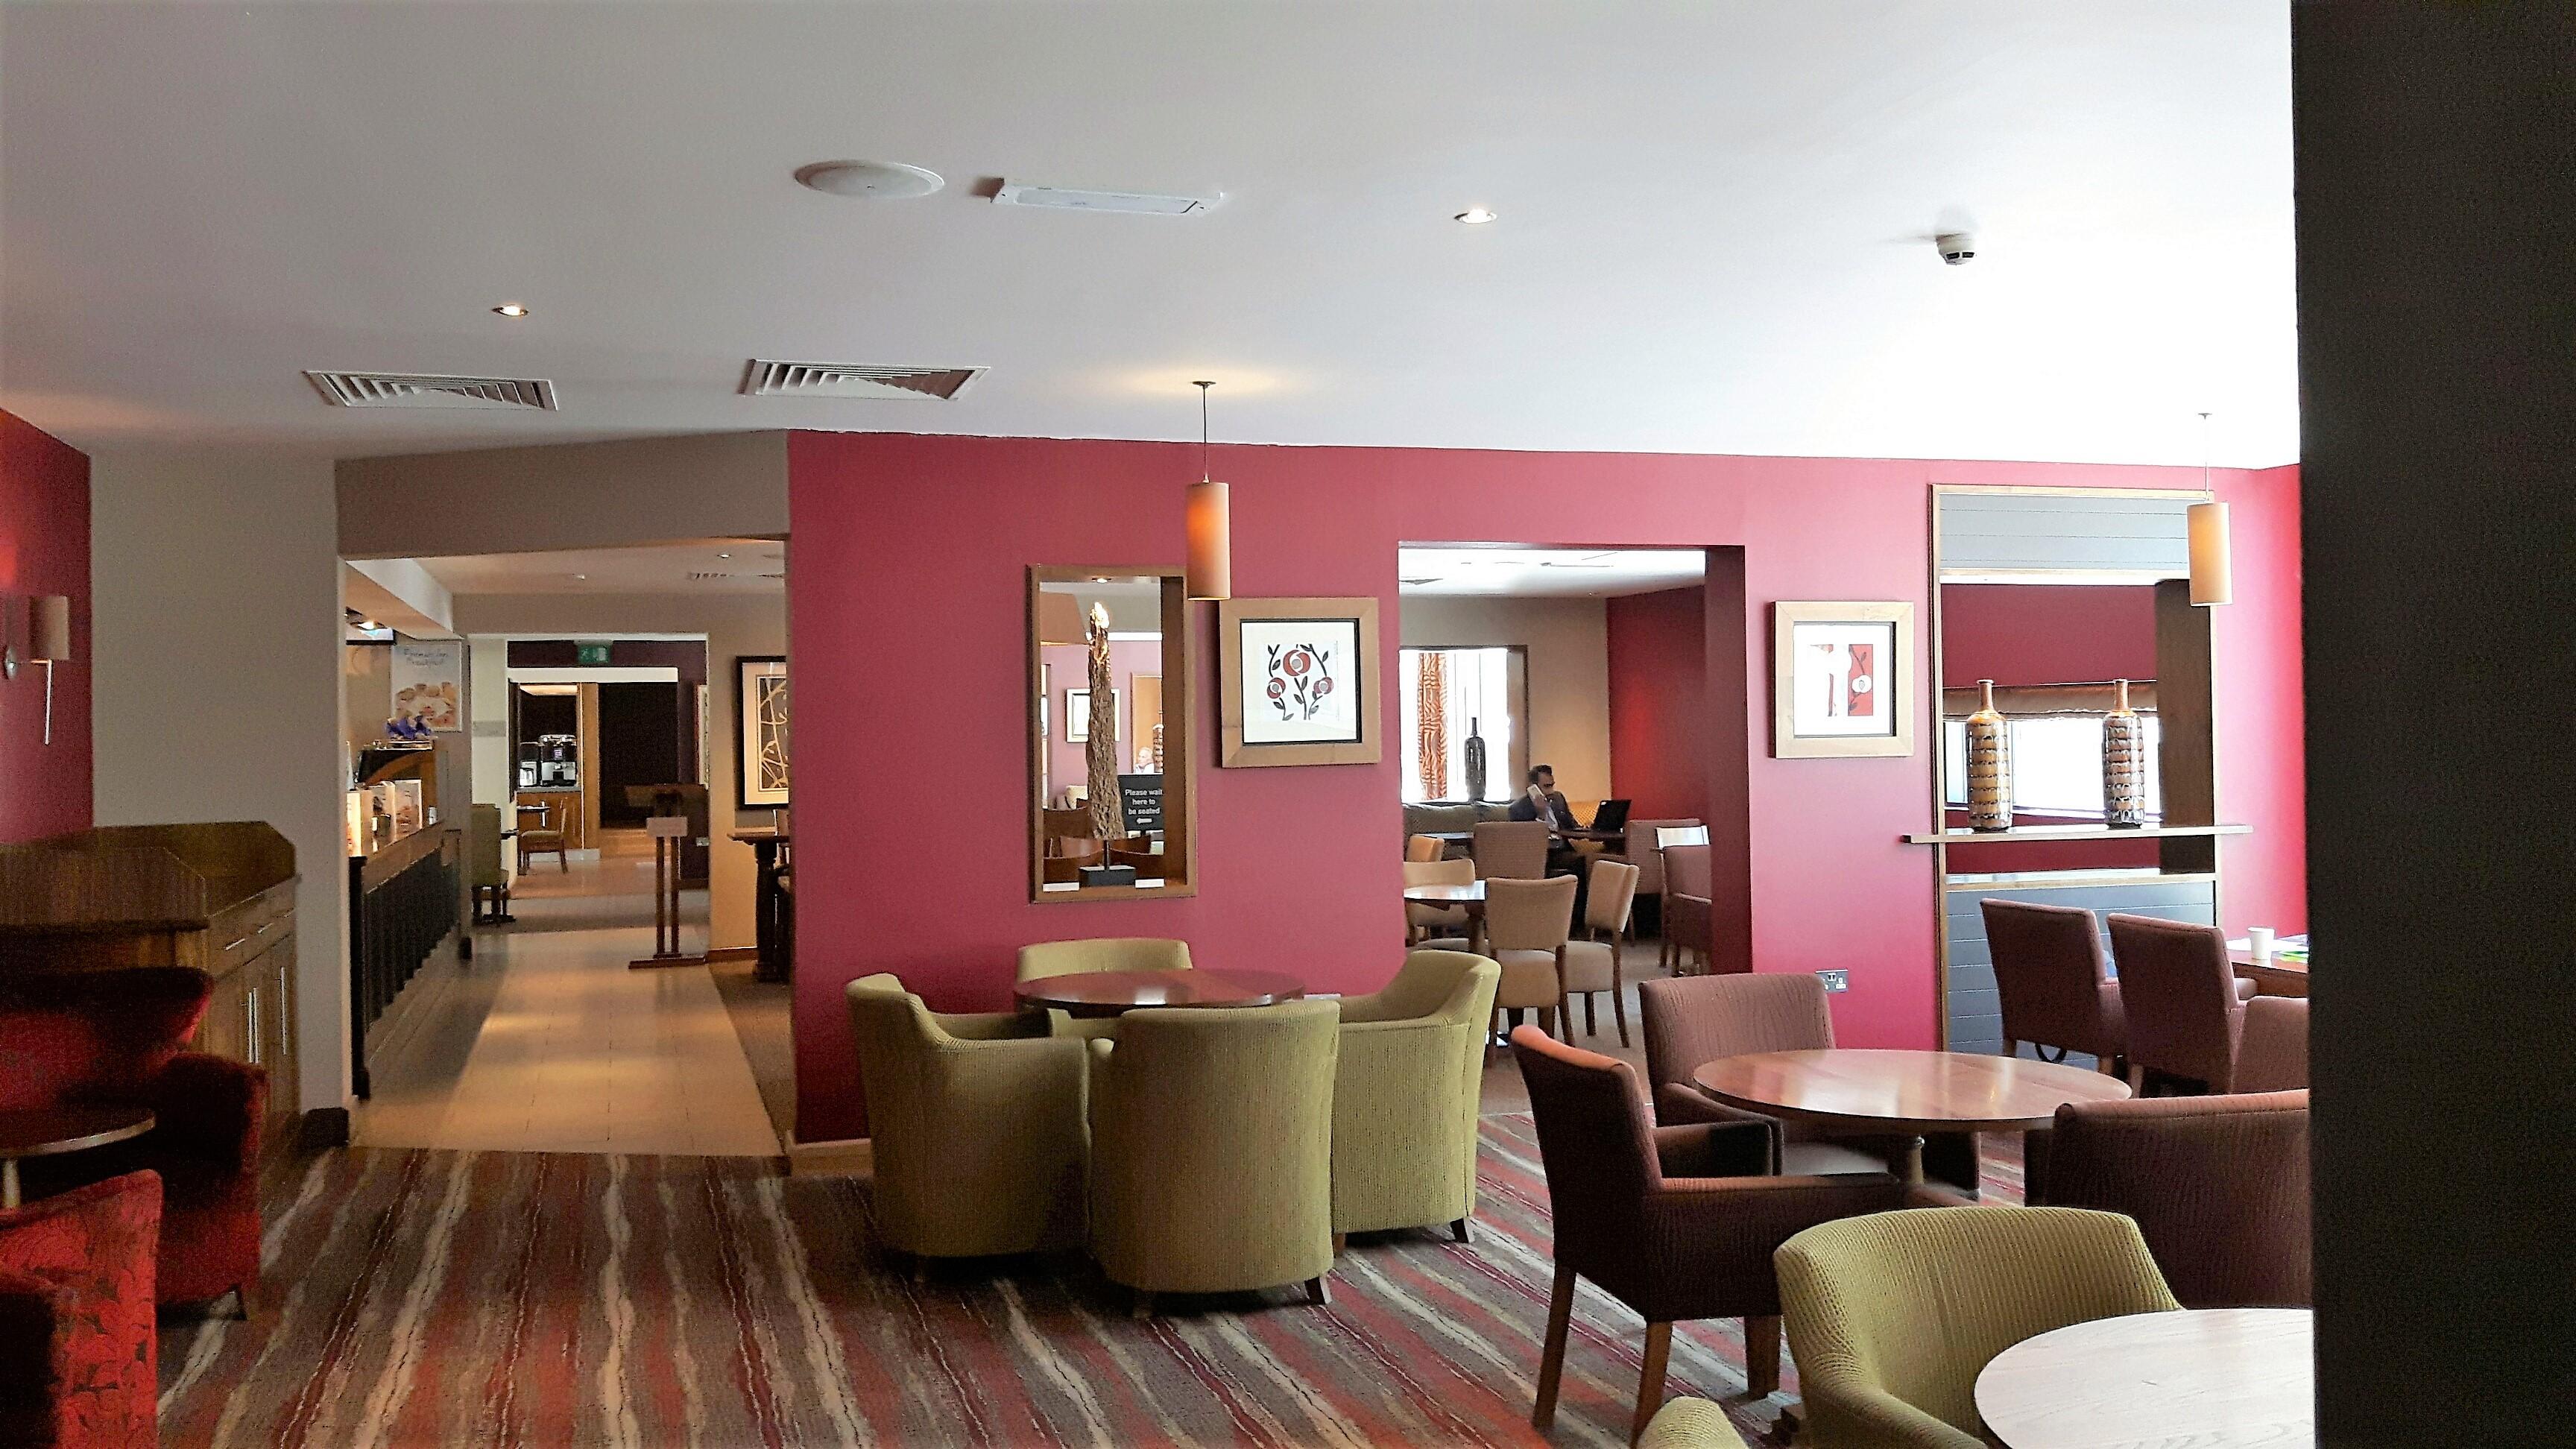 Where To Stay At Heathrow Premier Inn Heathrow T5 Turning Left